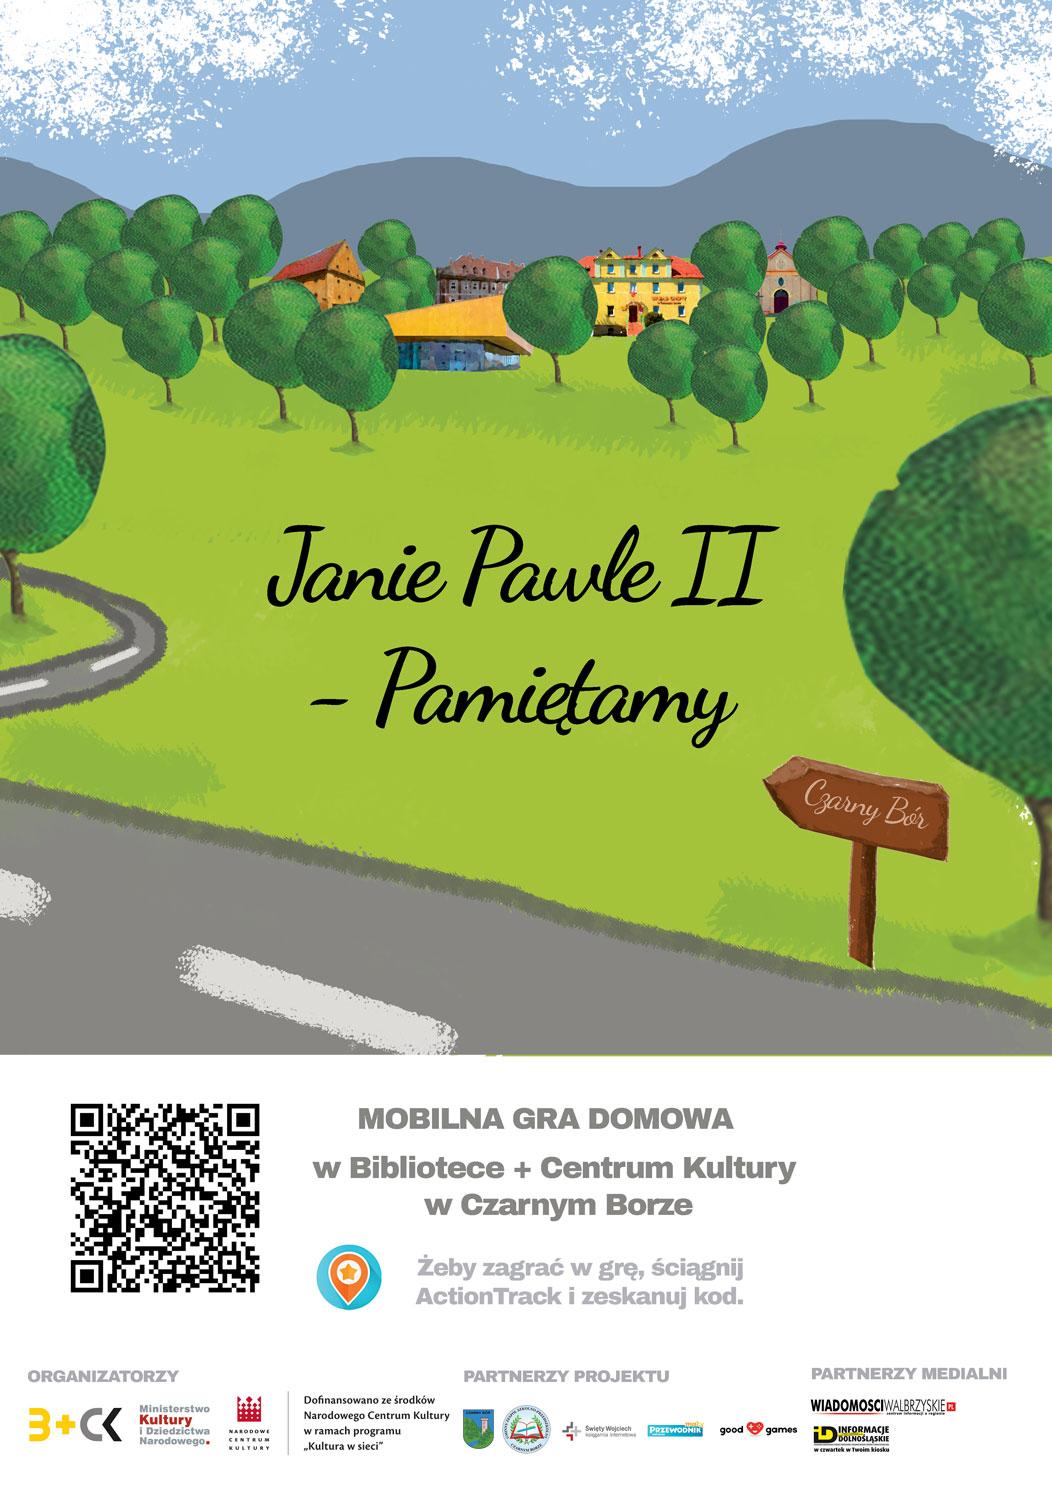 Janie Pawle II - Pamiętamy - Mobila gra domowa